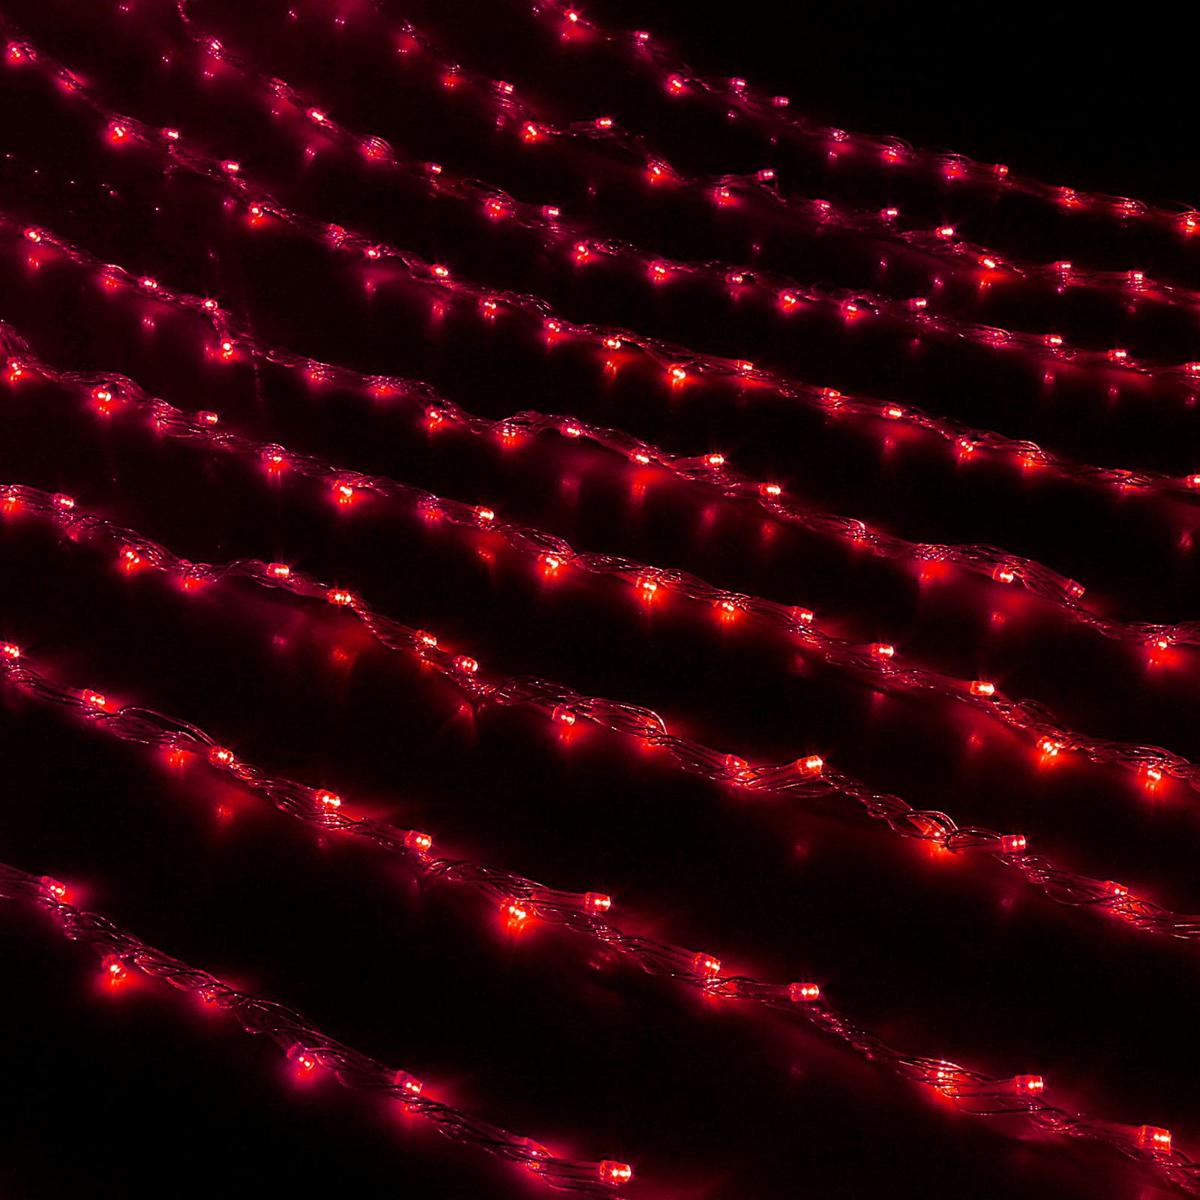 Гирлянда светодиодная Luazon Дождь, цвет: красный, 800 ламп, 8 режимов, 220 V, 2 х 3 м. 671642671642Светодиодные гирлянды и ленты — это отличный вариант для новогоднего оформления интерьера или фасада. С их помощью помещение любого размера можно превратить в праздничный зал, а внешние элементы зданий, украшенные ими, мгновенно станут напоминать очертания сказочного дворца. Такие украшения создают ауру предвкушения чуда. Деревья, фасады, витрины, окна и арки будто специально созданы, чтобы вы украсили их светящимися нитями.